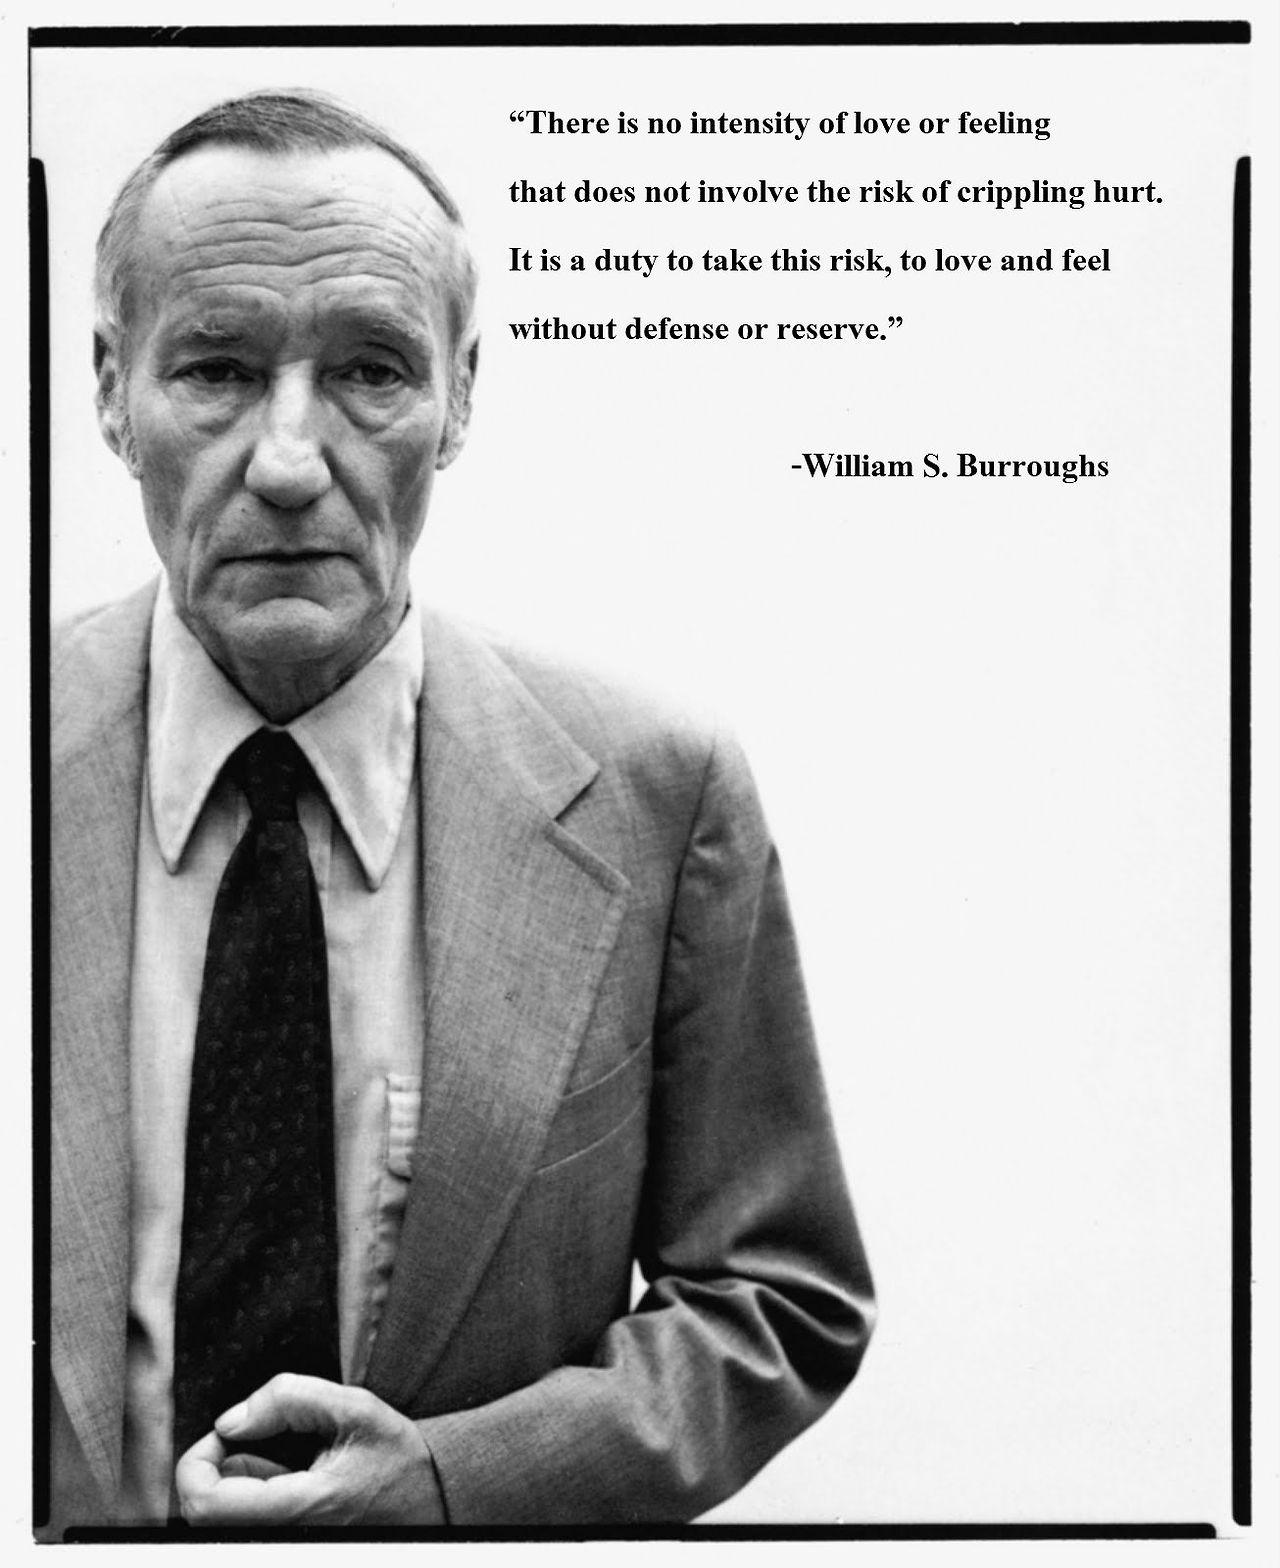 William S. Burroughs's quote #4